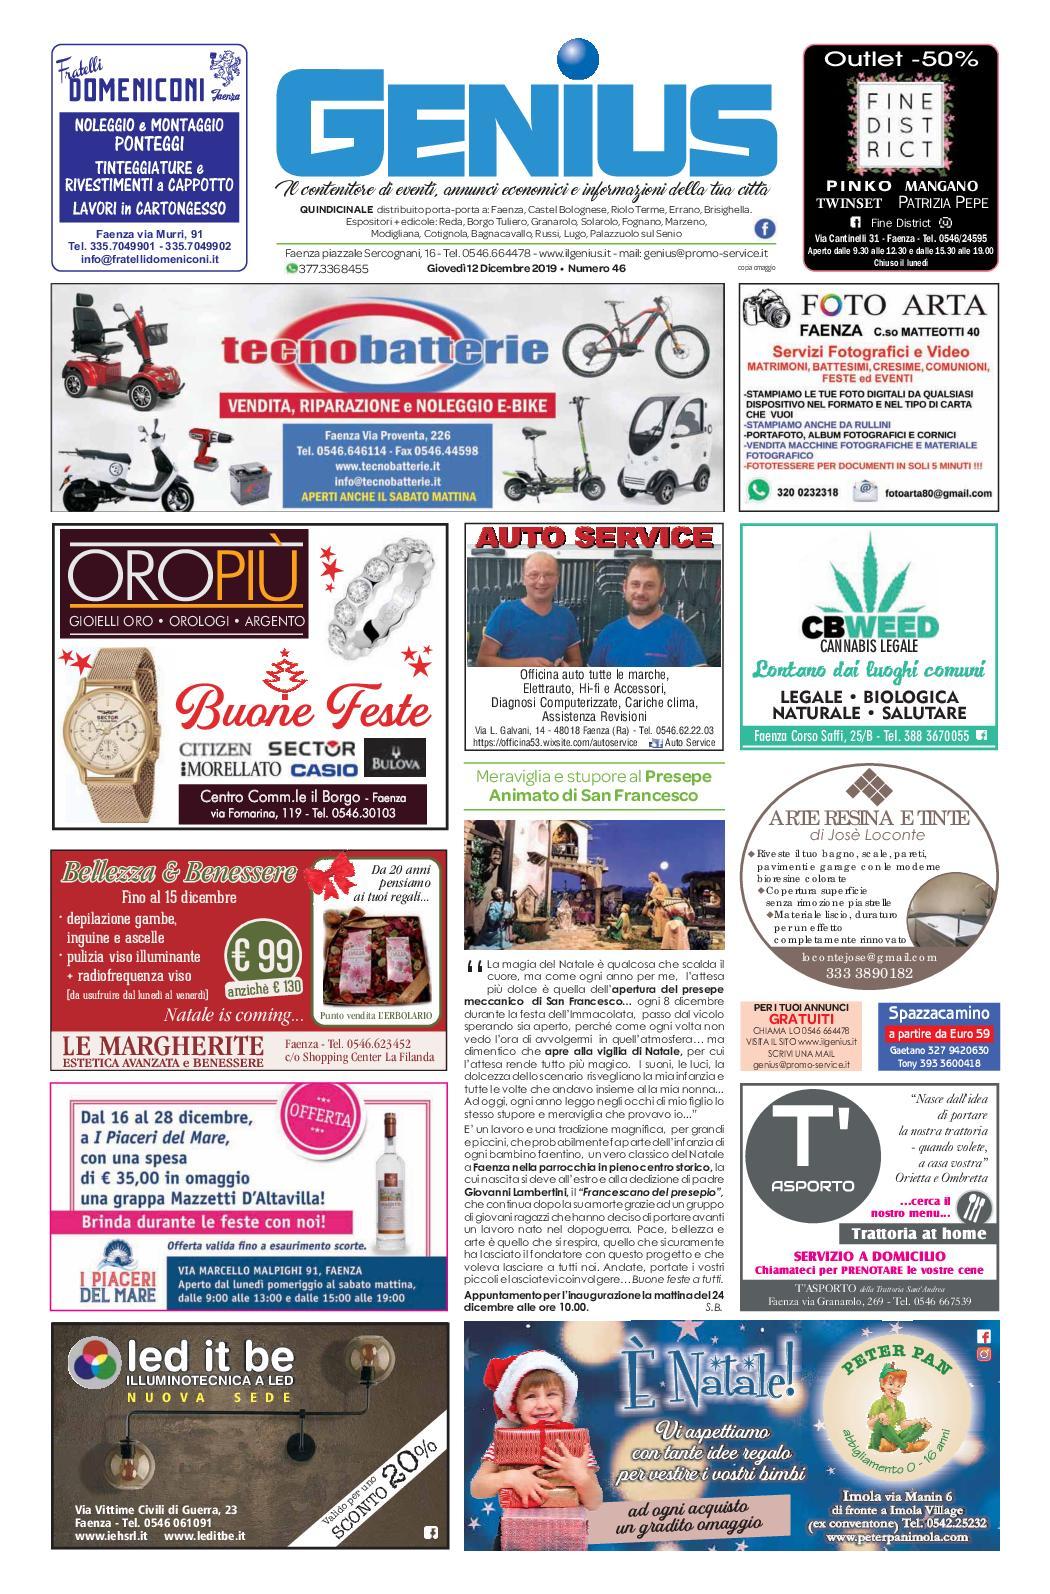 Rete Per Gatti Condominio calaméo - num 46 del 12 dicembre 2019